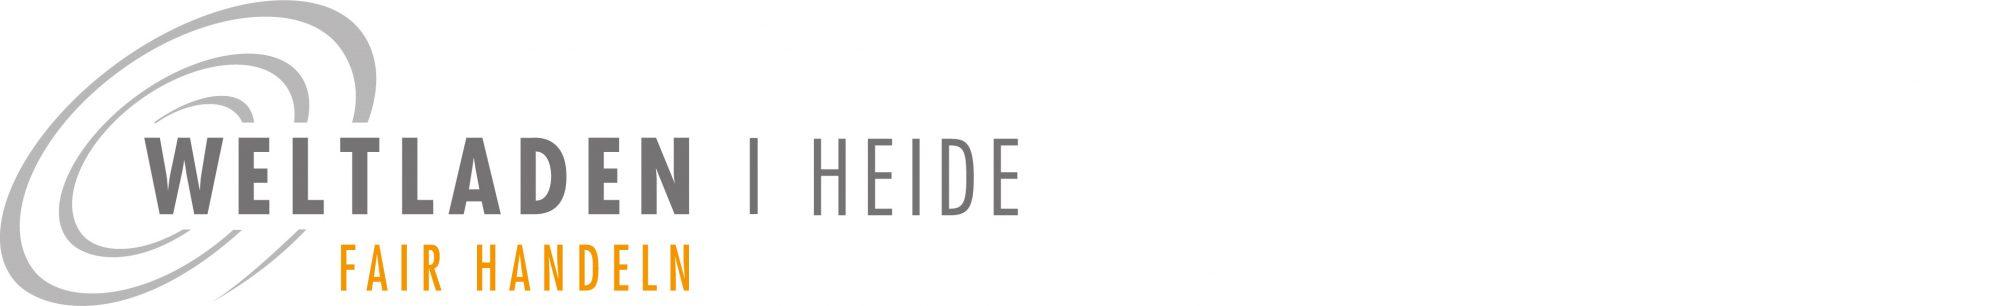 Weltladen Heide eV